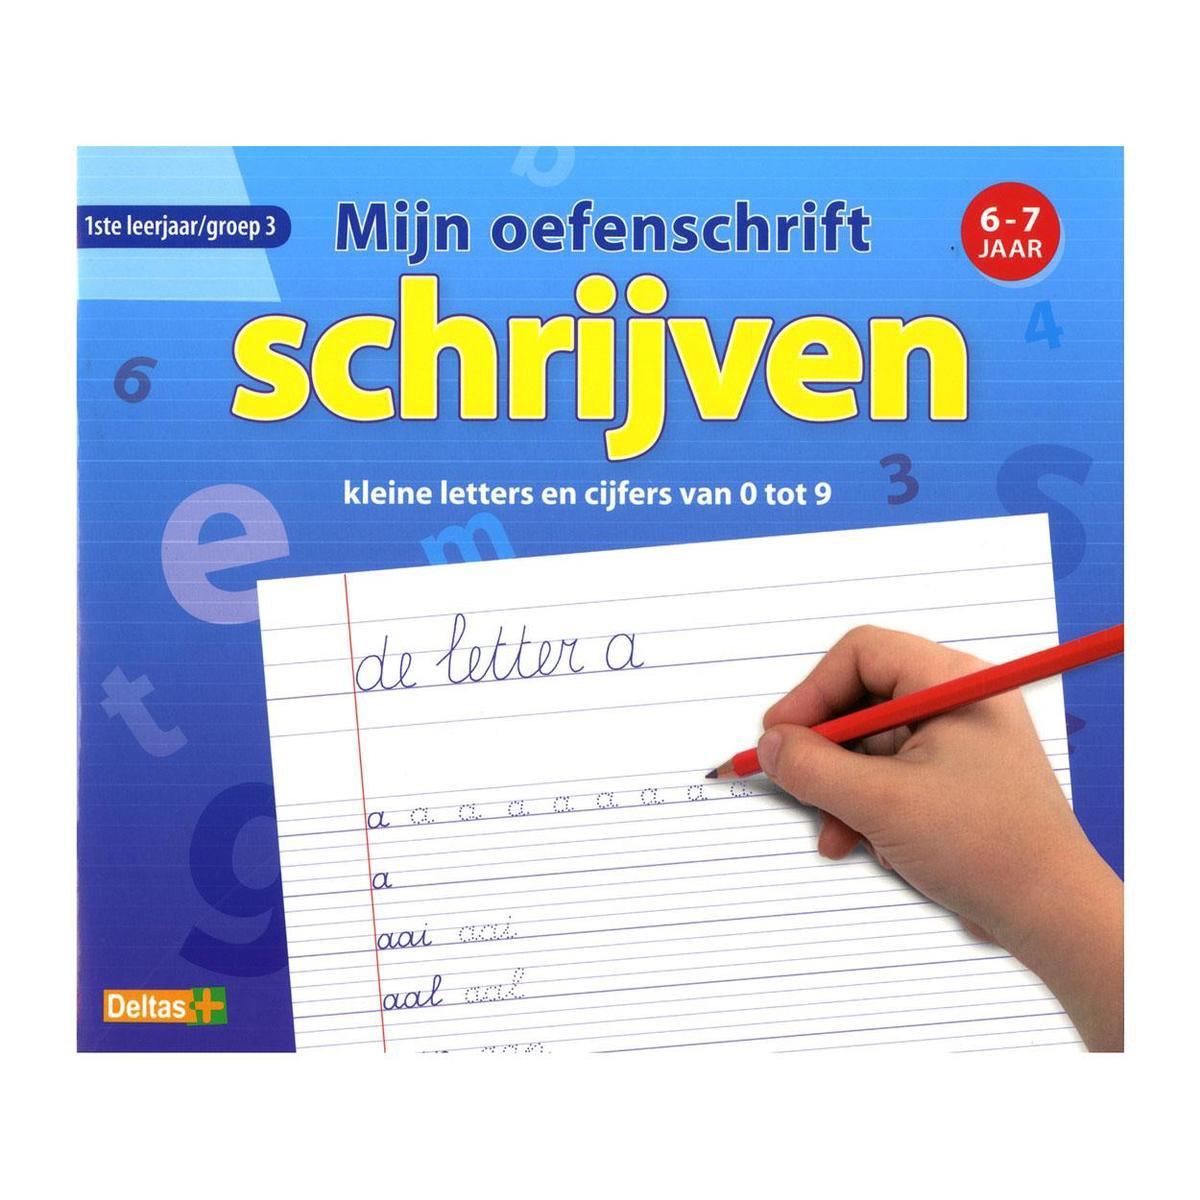 Mijn oefenschrift - Schrijven kleine letters en cijfers - 6-7 jaar